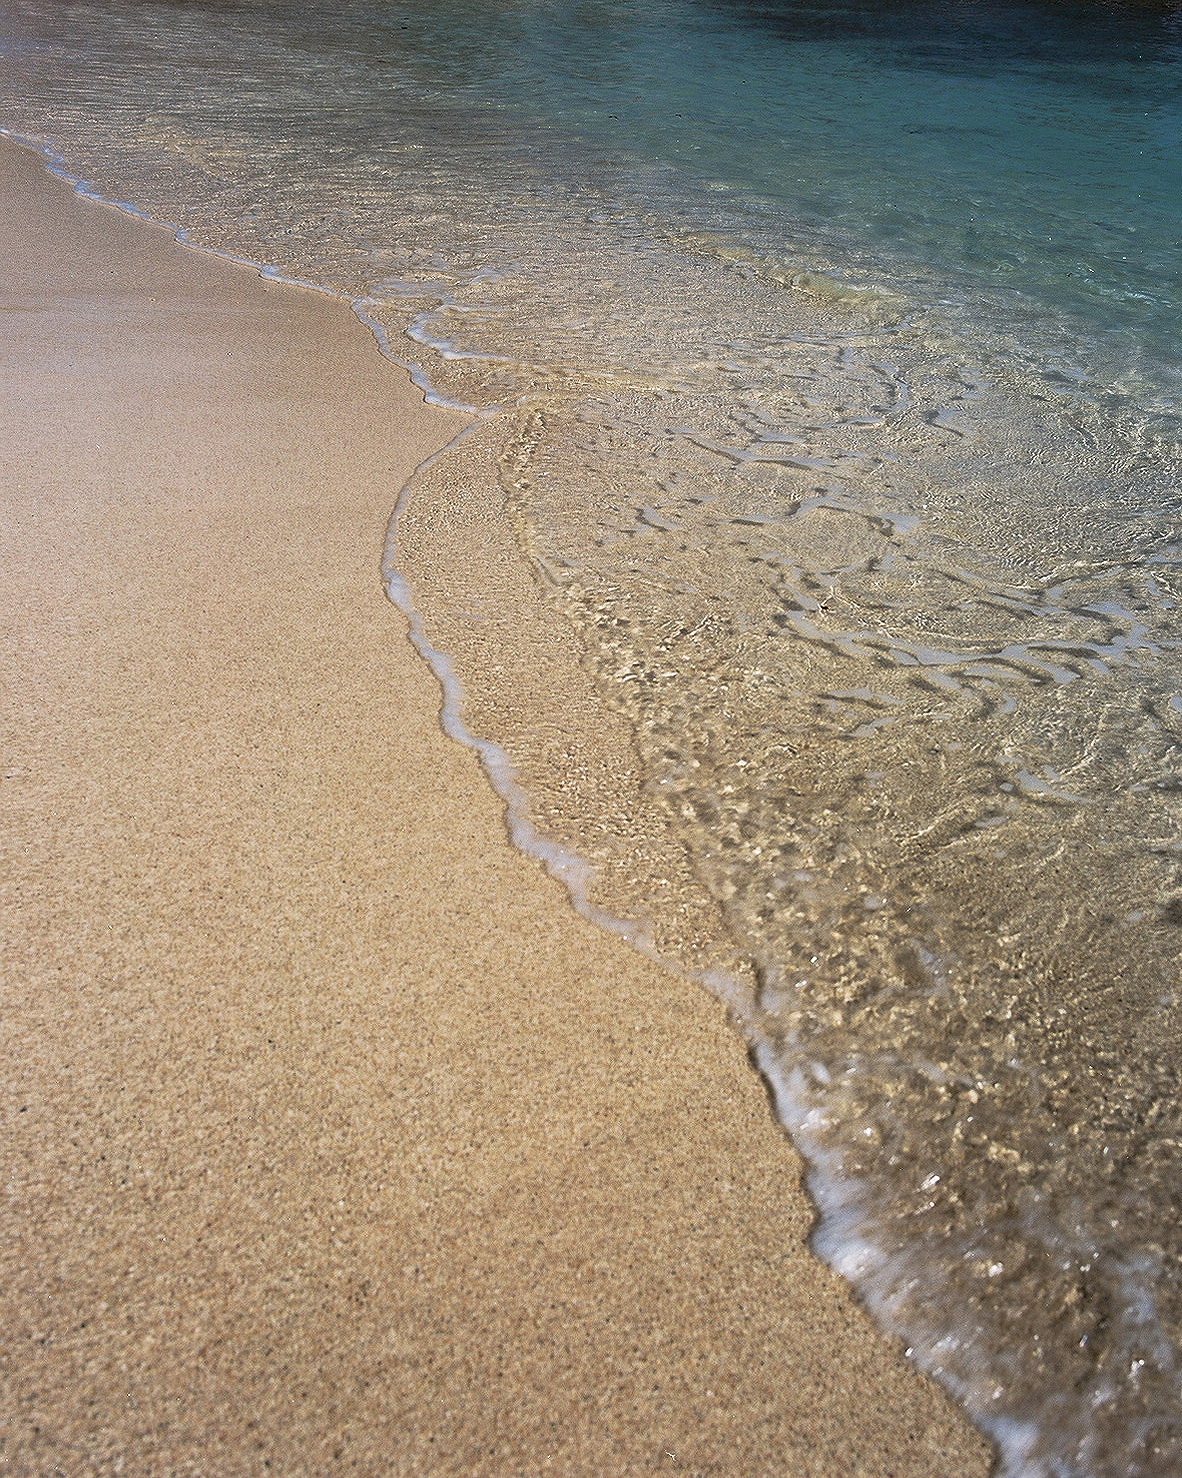 e0d90188c55c7e0c-beach.jpg